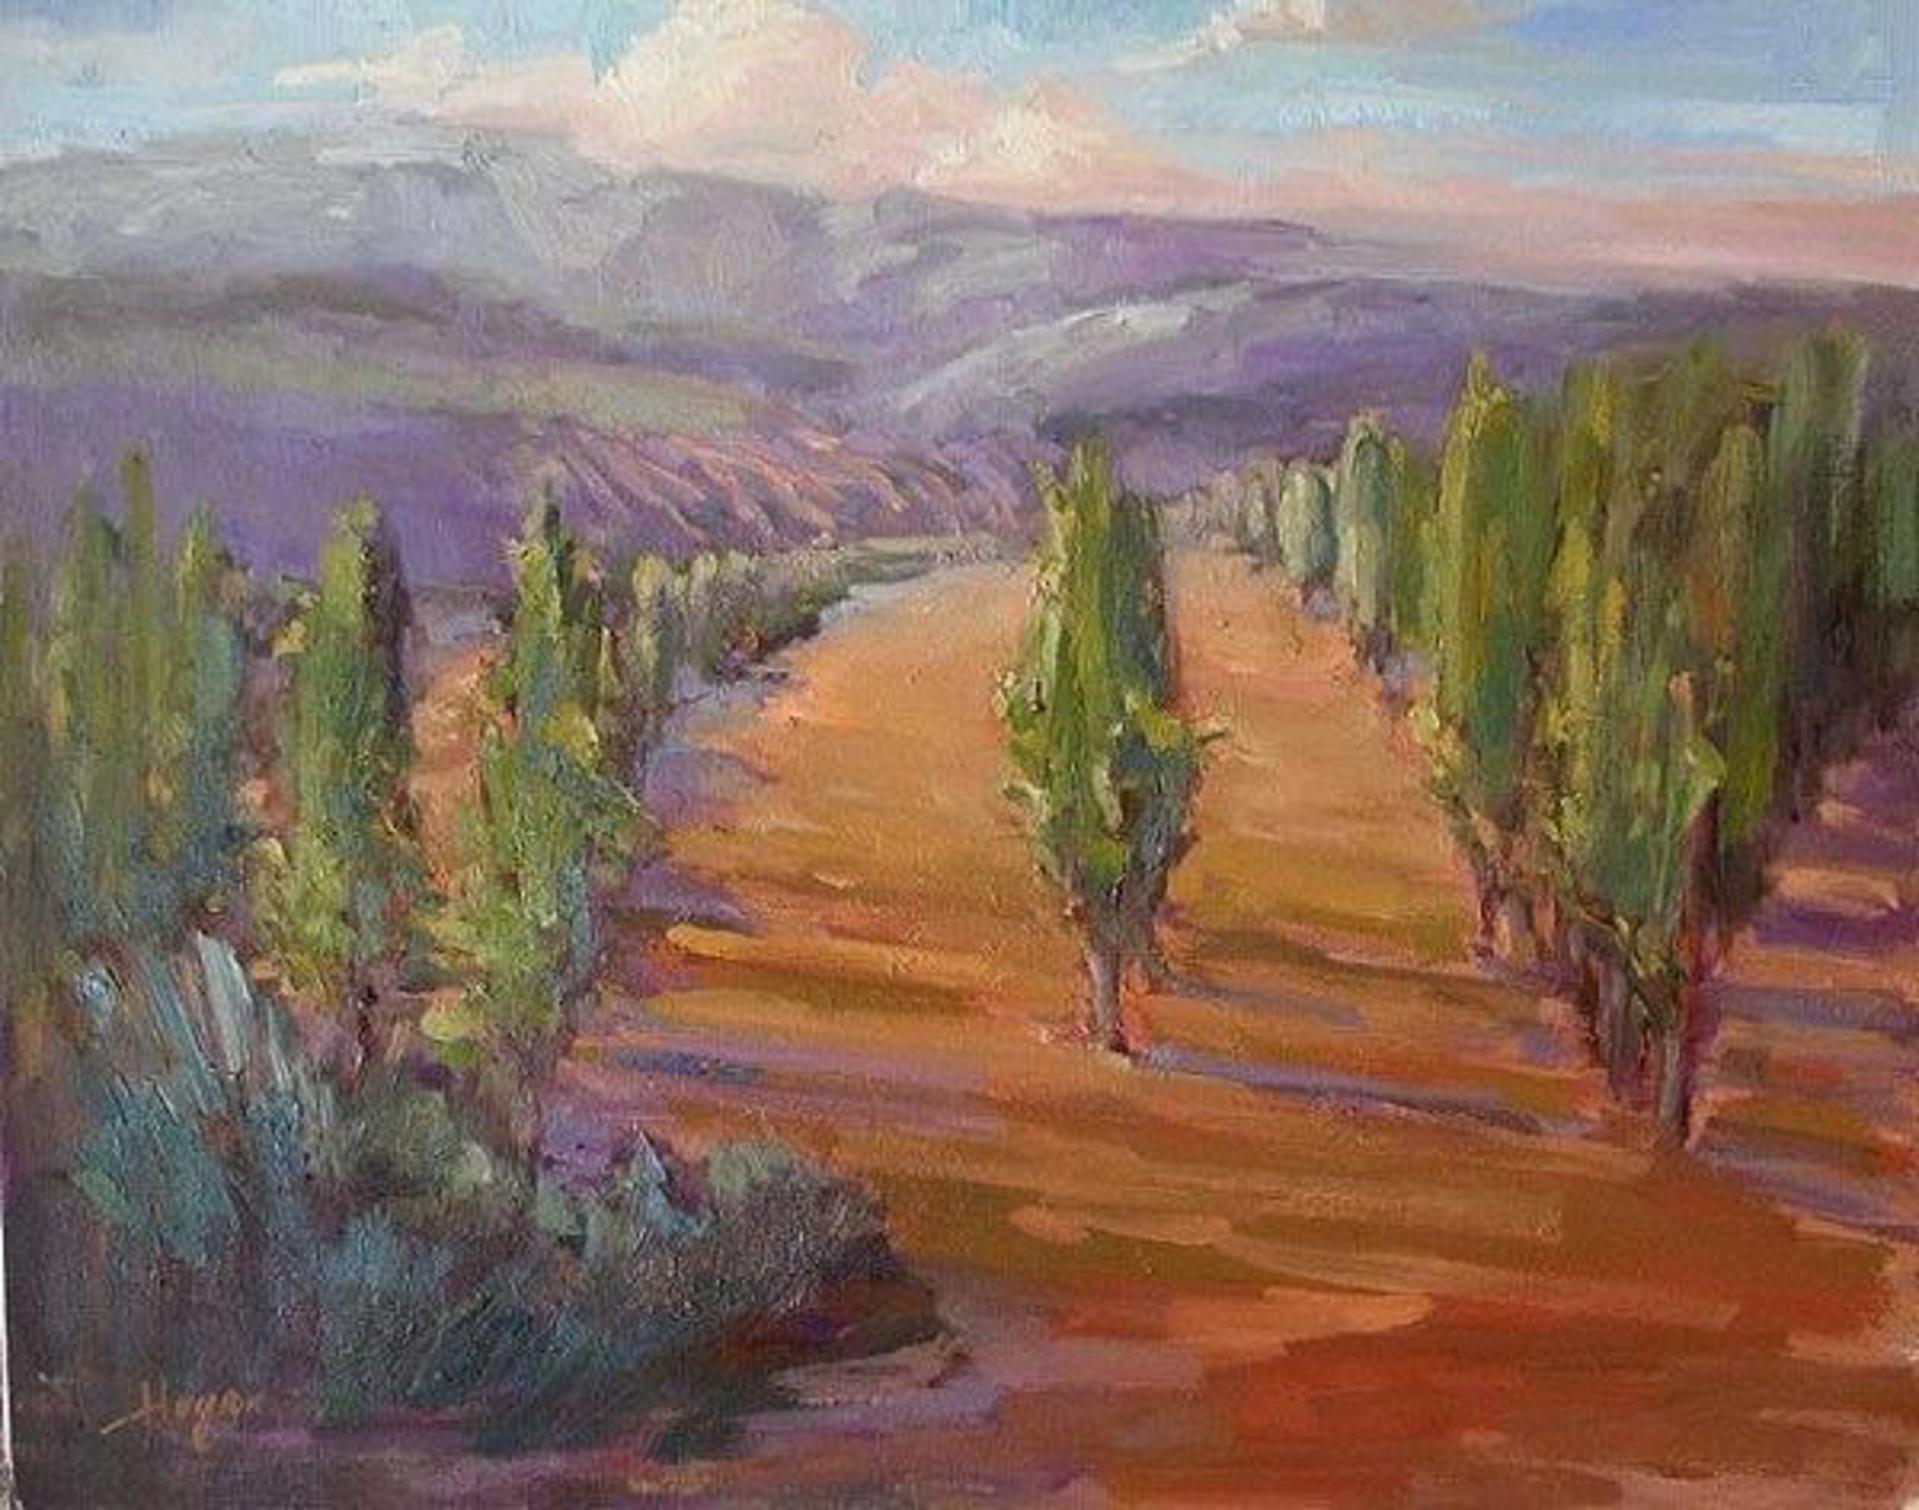 Tuscan Vineyard by Karen Hewitt Hagan